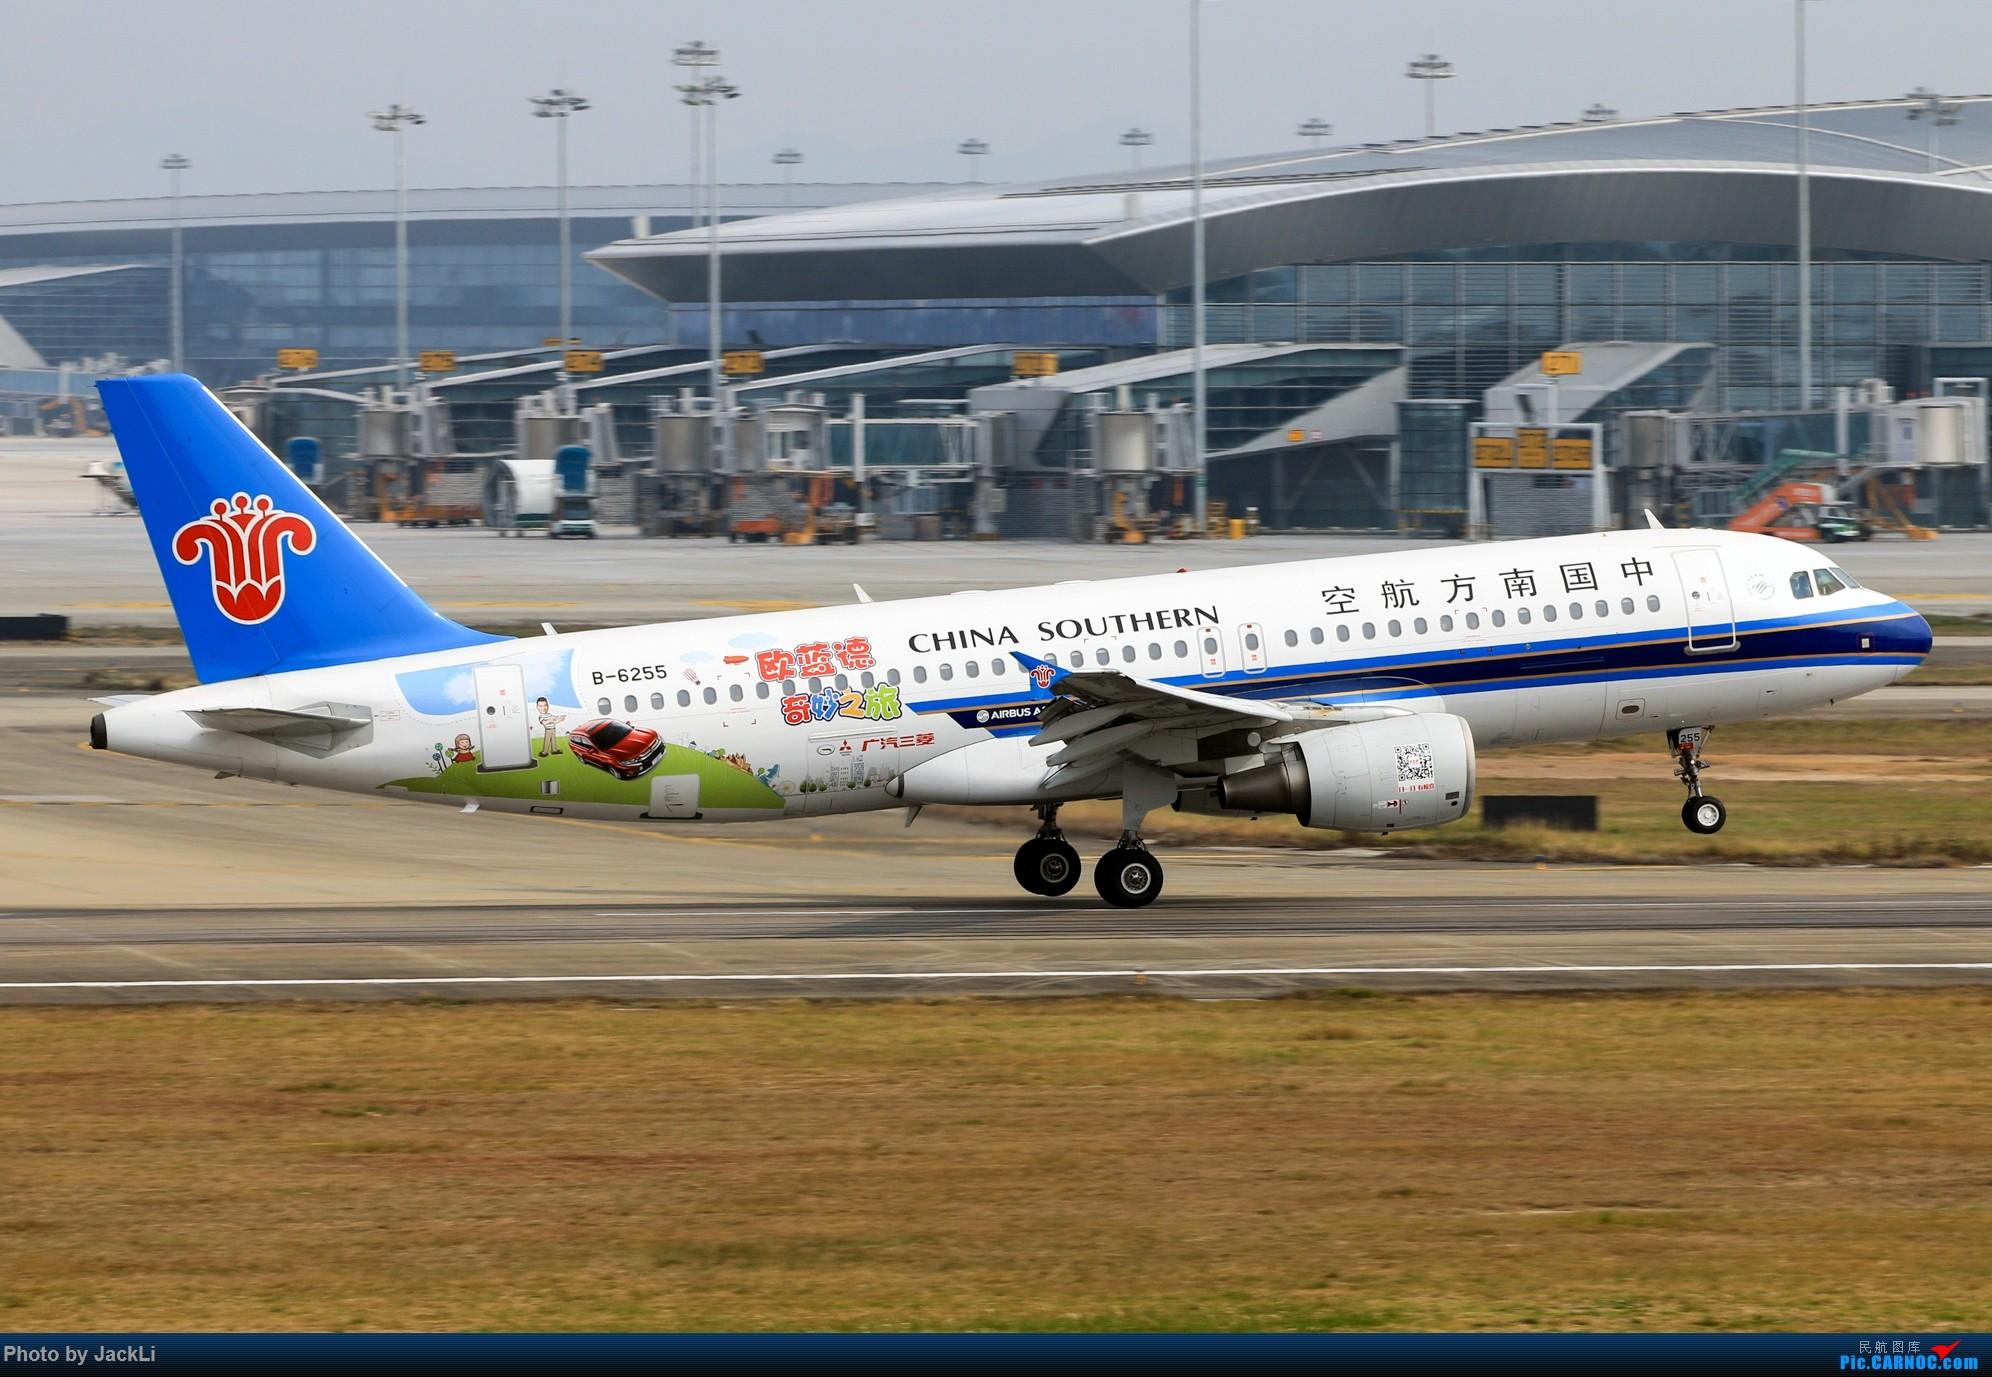 Re:[原创]【JackLi】寒假在白云机场的几次拍机~ AIRBUS A320-200 B-6255 中国广州白云国际机场